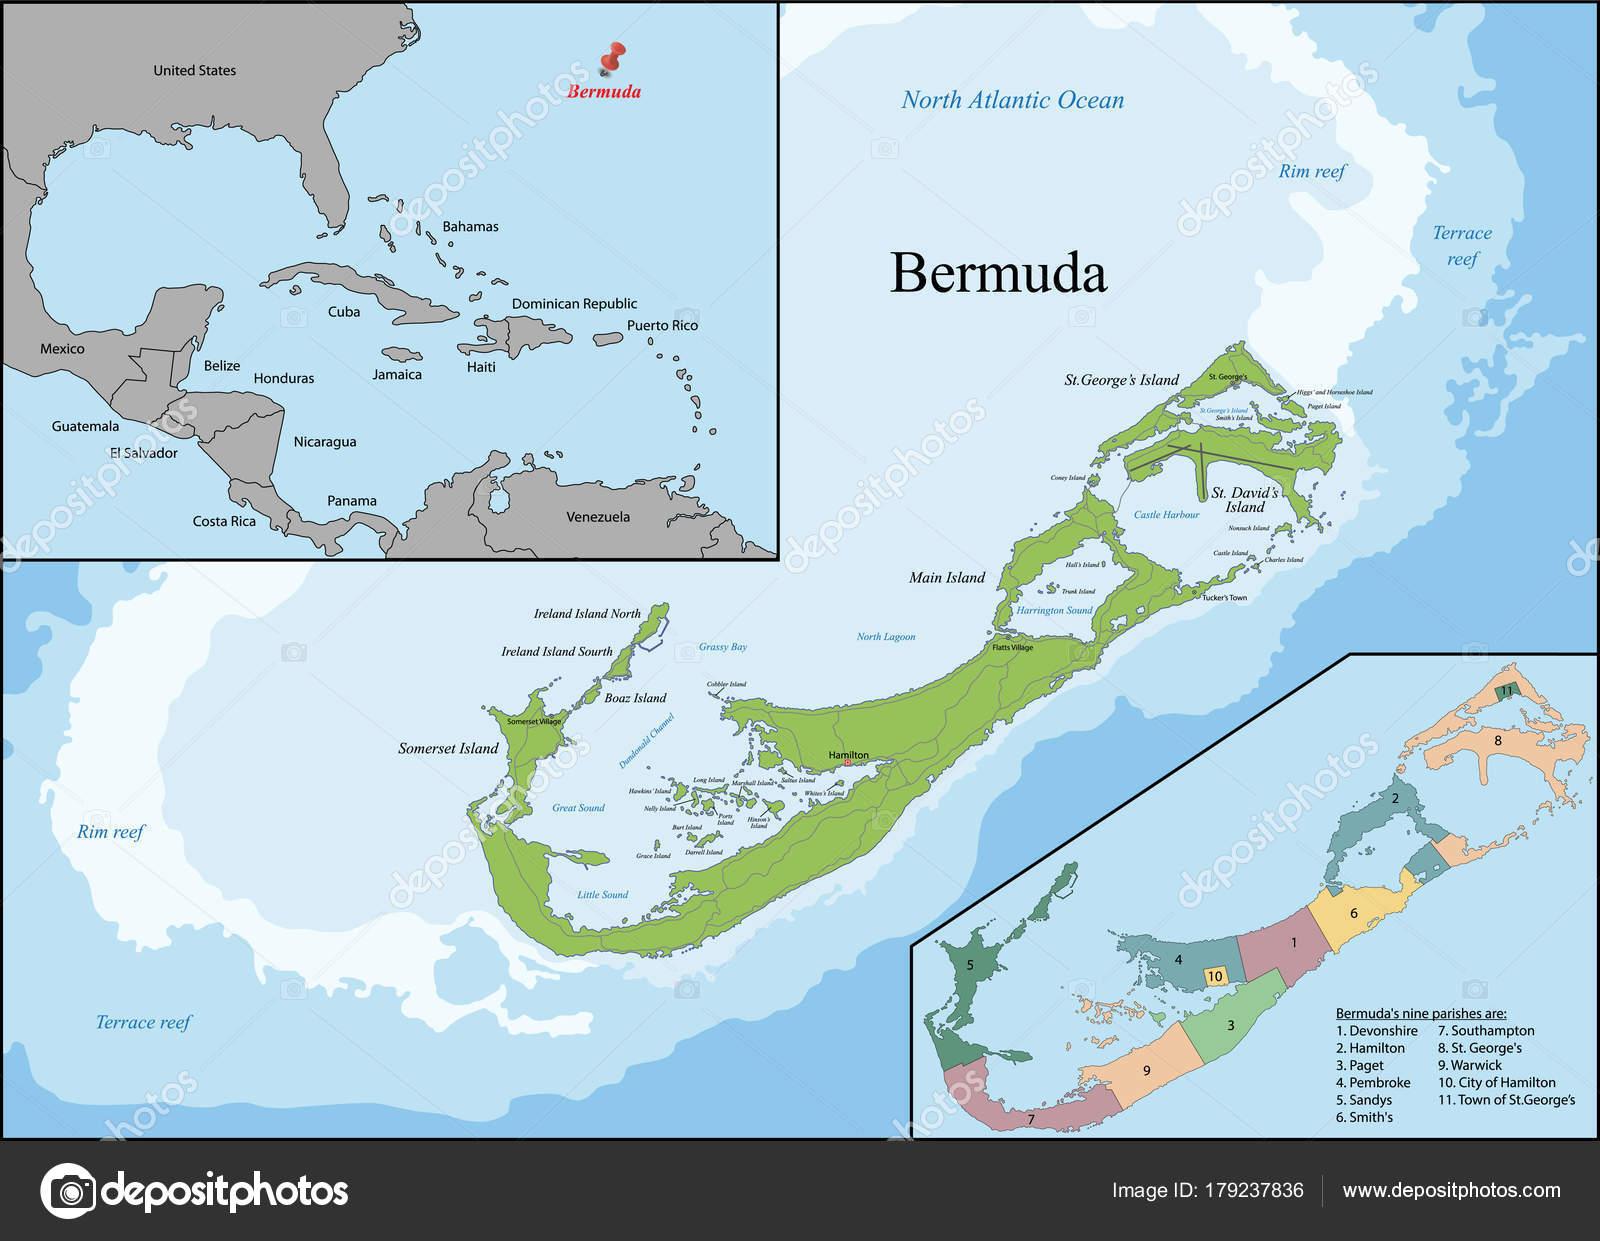 Karte von bermuda — Stockvr © Volina #179237836 on